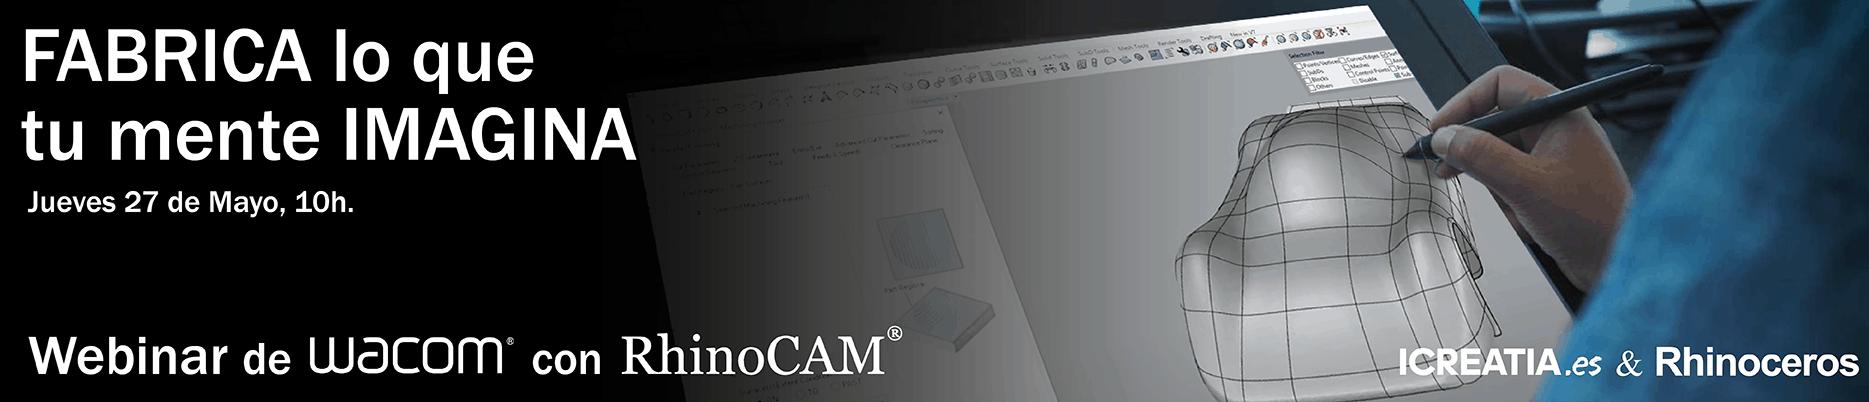 Webinar de Wacom con RhinoCAM 2021